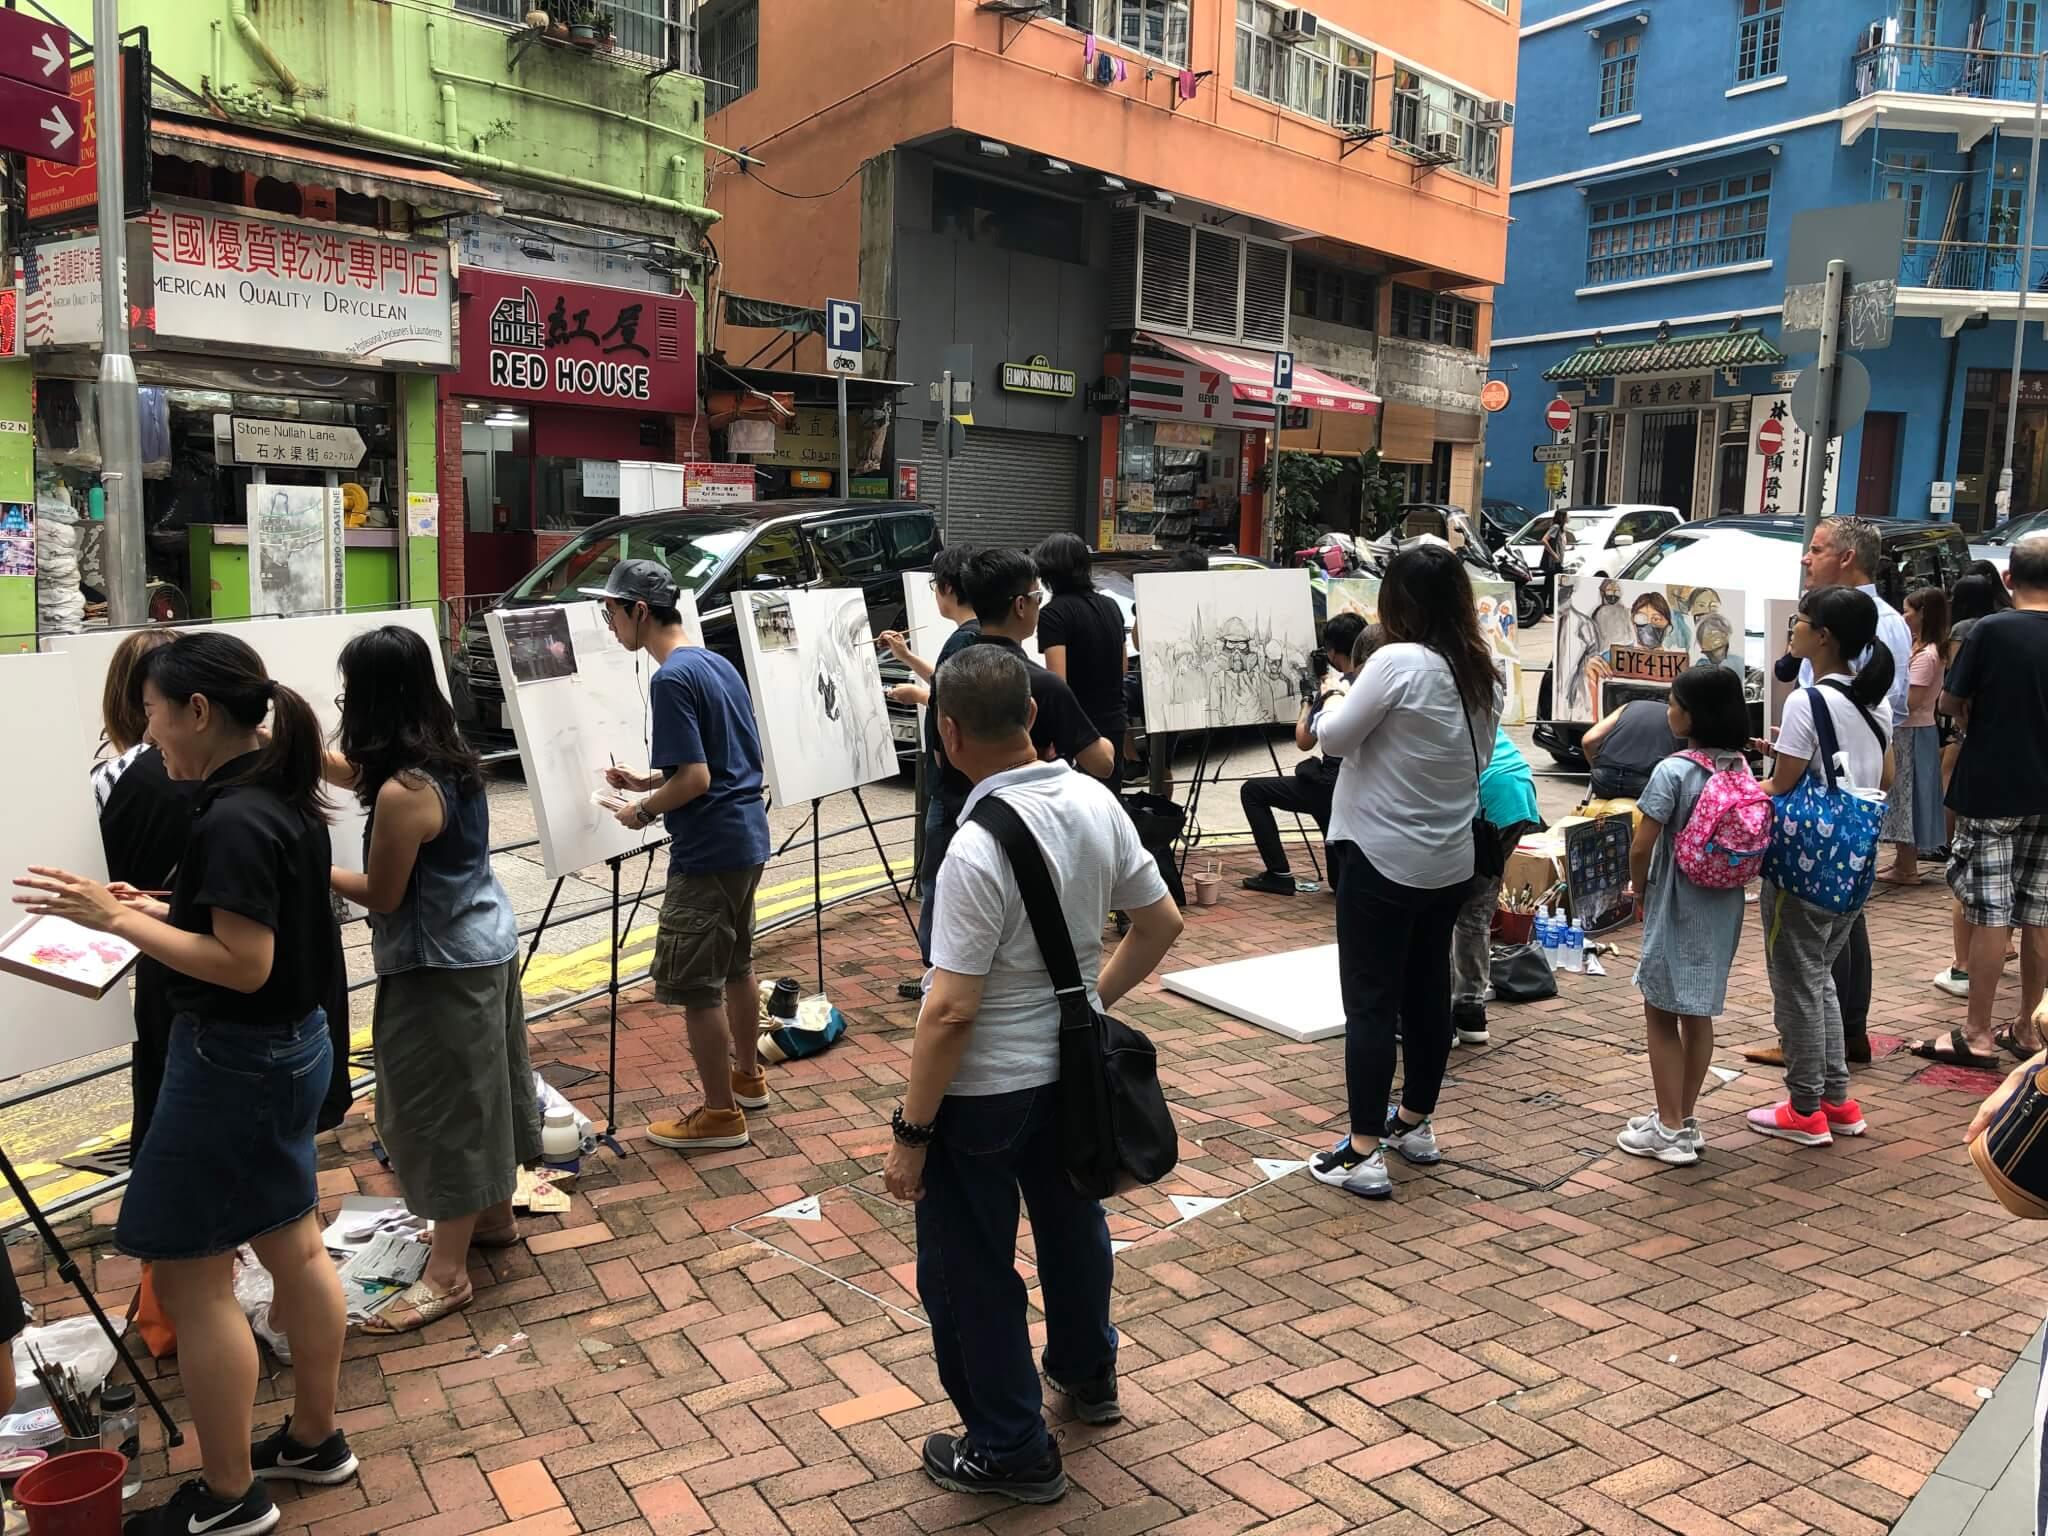 阿謙在灣仔街頭與一眾市民繪畫運動的深刻場景